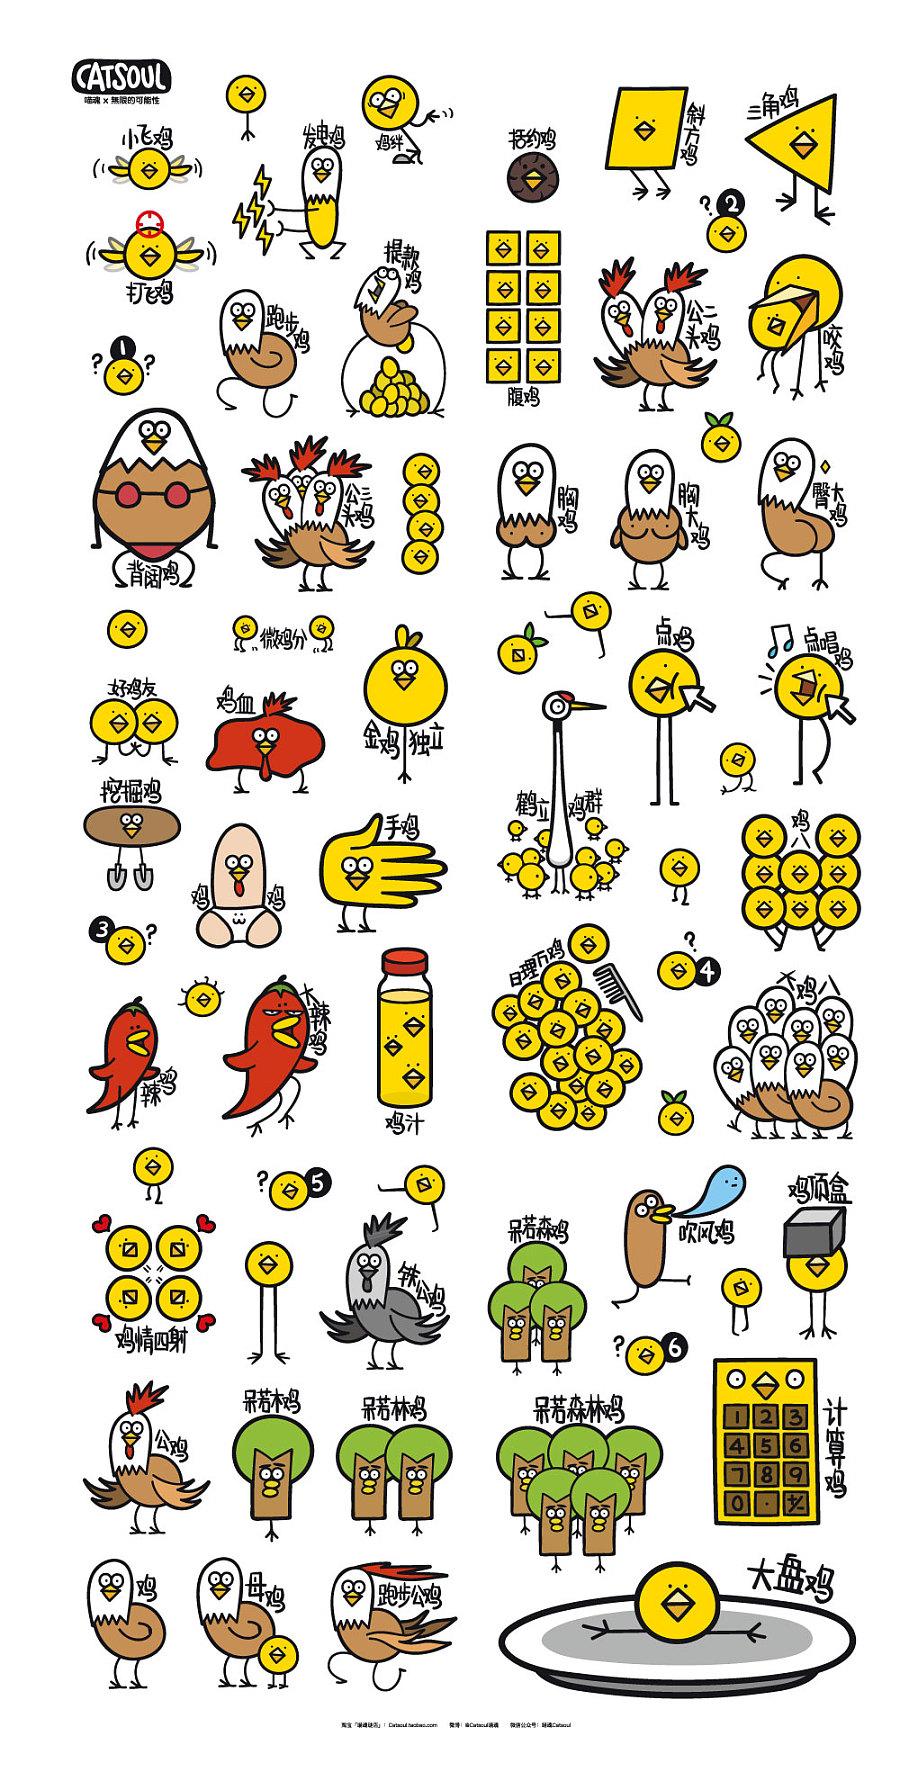 查看《喵魂的鸡年创意扑克》原图,原图尺寸:1000x1969